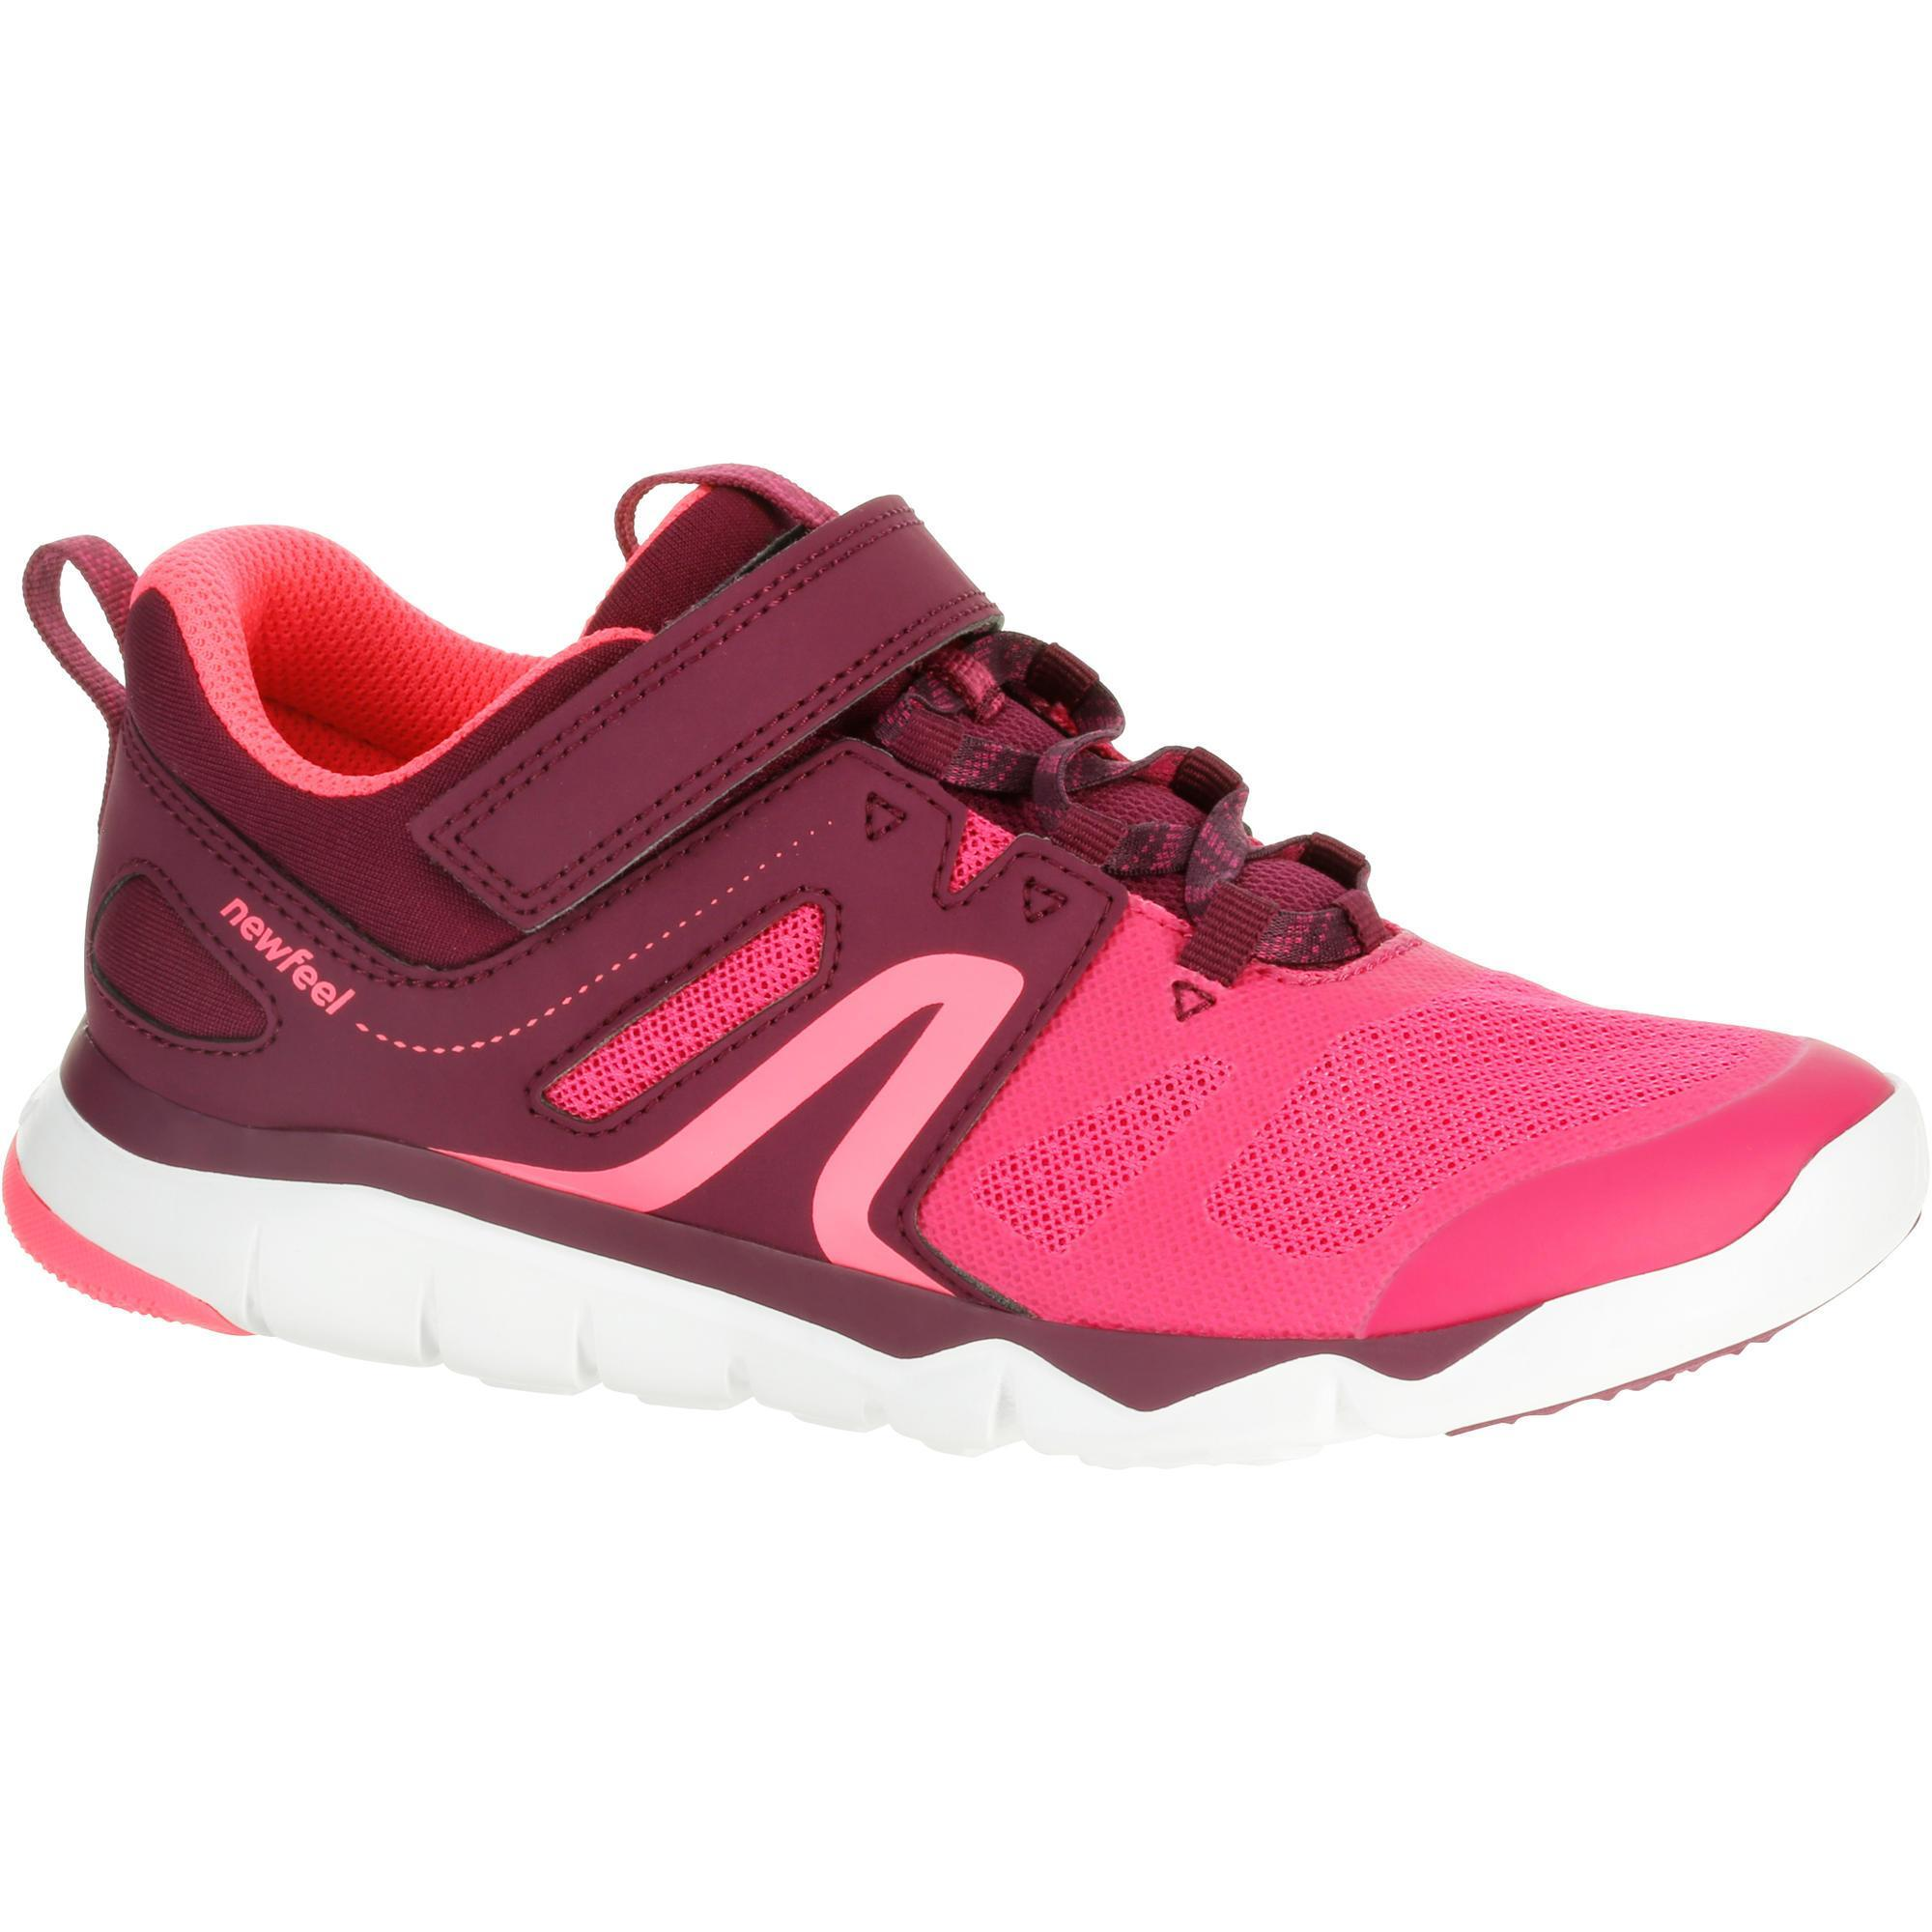 chaussures marche sportive enfant pw 540 rose violet. Black Bedroom Furniture Sets. Home Design Ideas